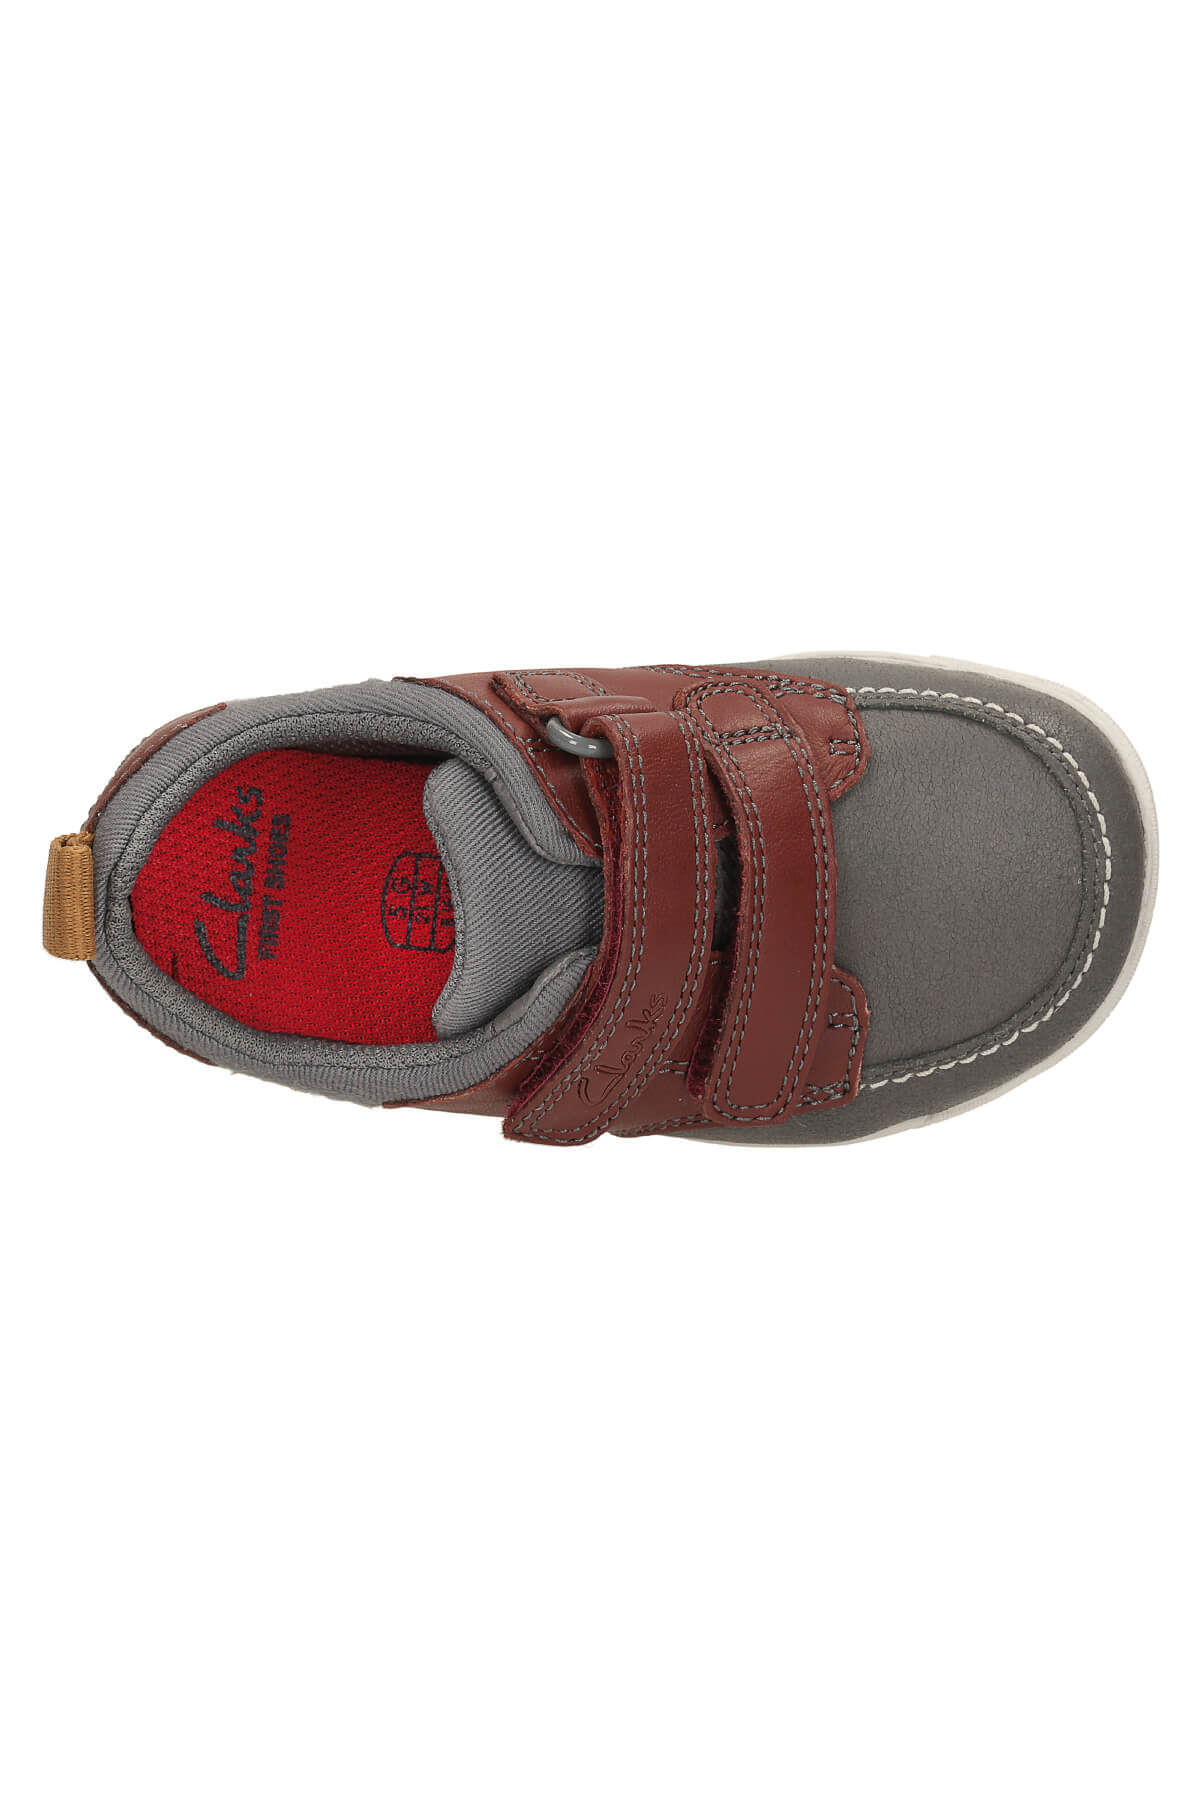 CLARKS Çocuk Ayakkabı 261189907 2